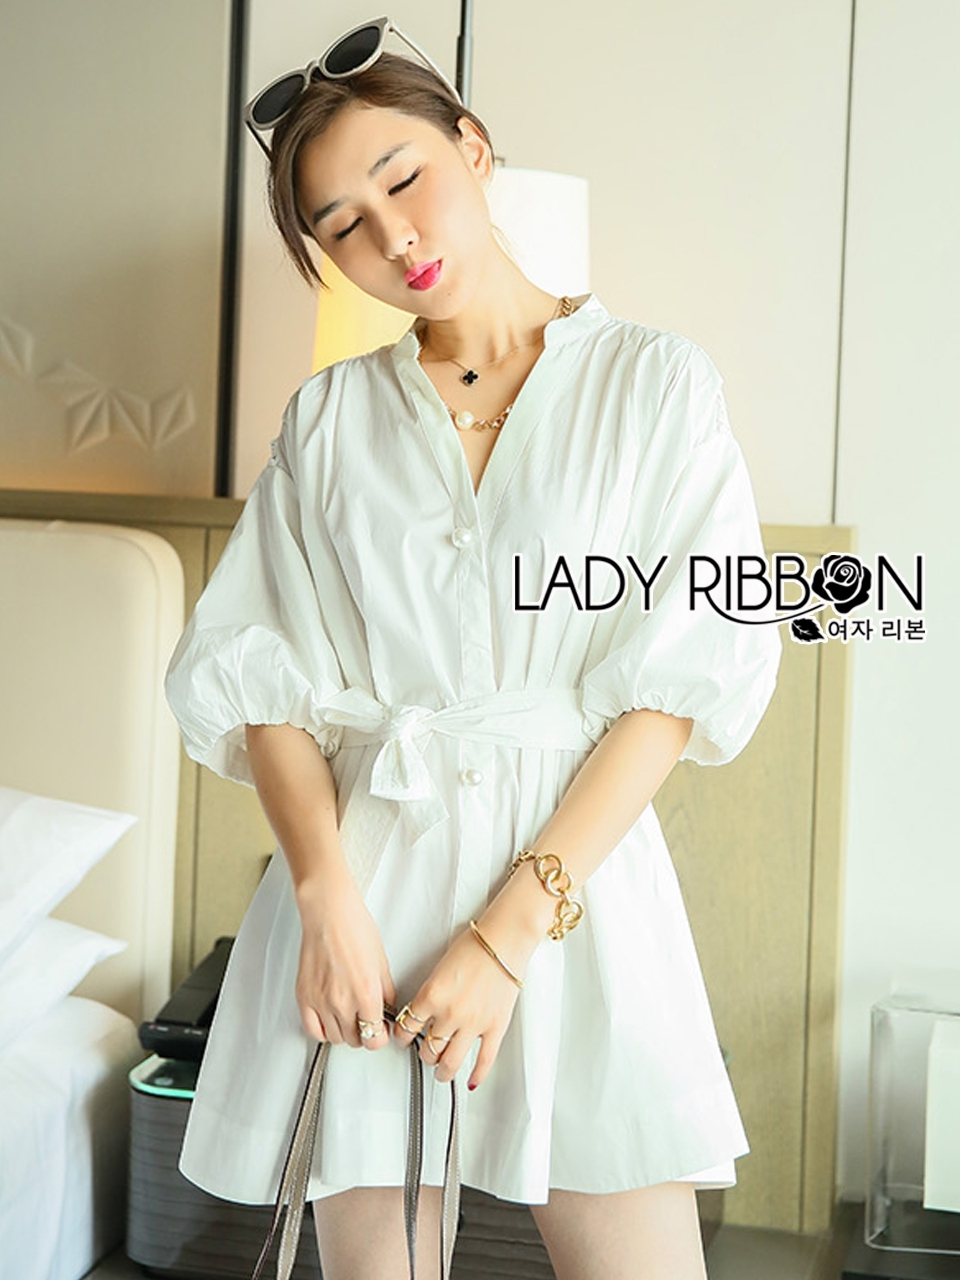 เสื้อผ้าเกาหลี พร้อมส่งเชิ้ตเดรสผ้าคอตตอนสีขาวตกแต่งลูกไม้สไตล์มินิมัลชิค